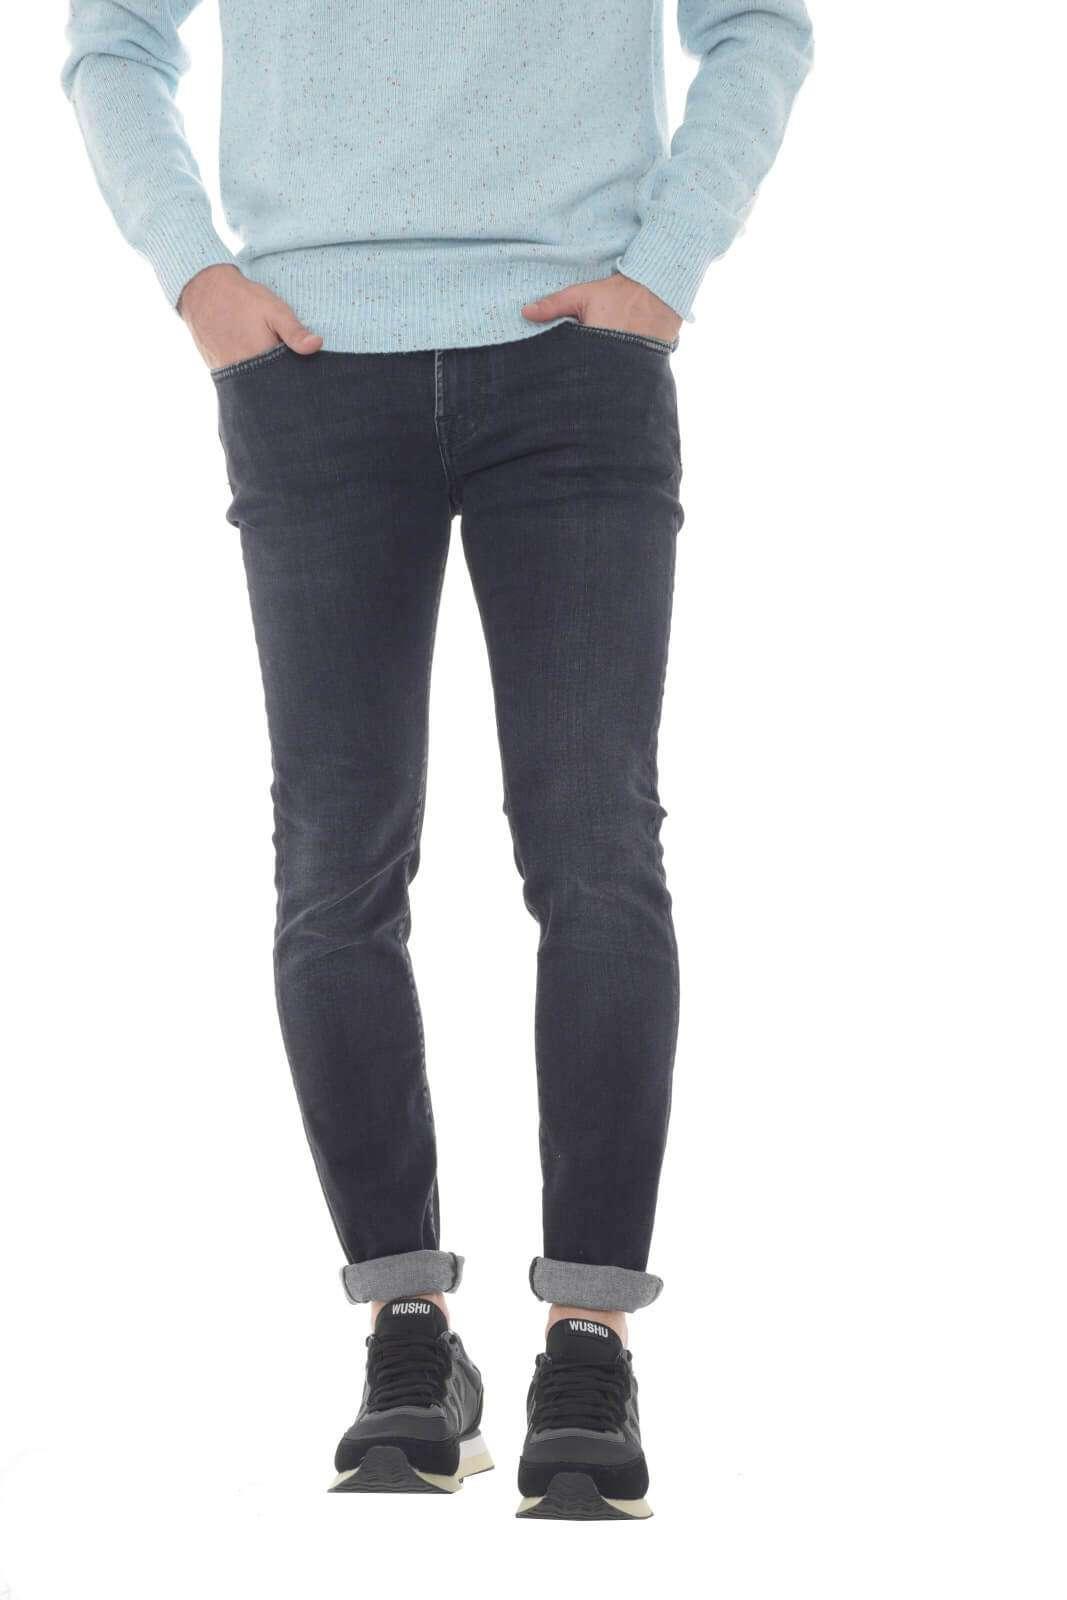 Scopri i nuovi jeans Roy Roger's Vince proposti per la collezione uomo. Il lavaggio scuro si impone su un modello skinny fit dall'effetto leggermente used. Da abbinare sia con una felpa che con una giacca, gioca la sua particolarità con la versatilità.